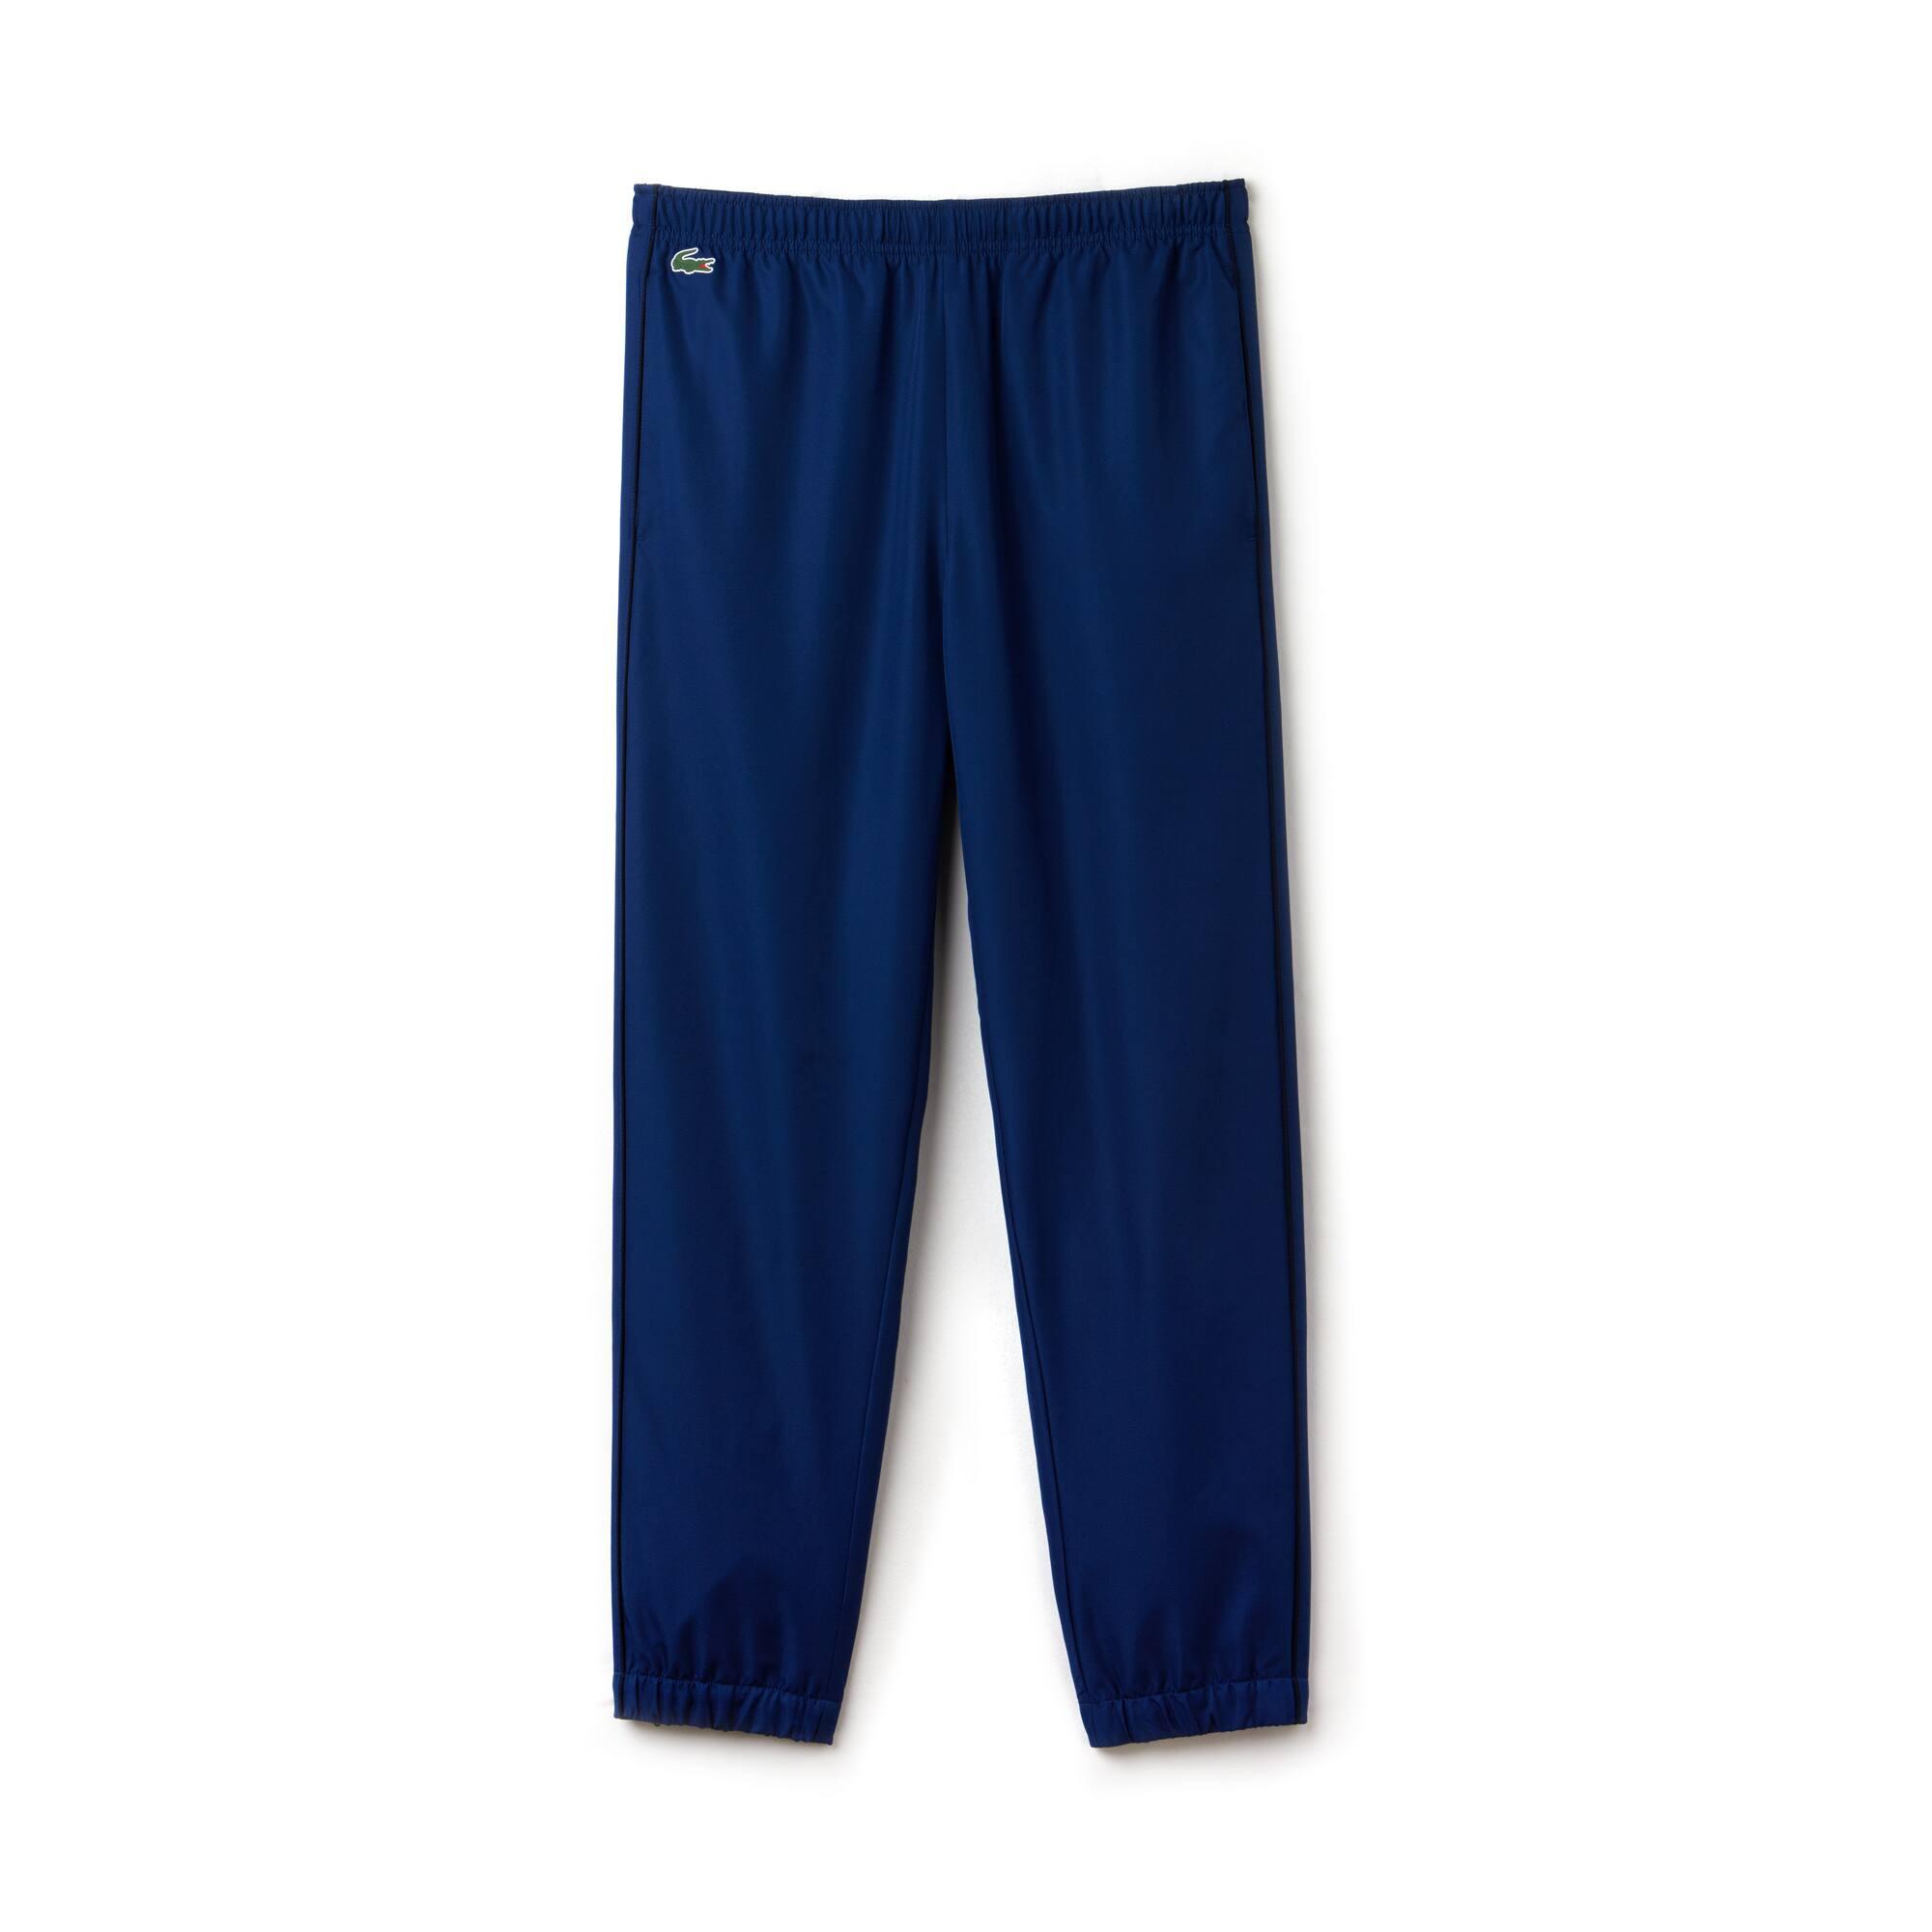 Pantalon de survêtement Lacoste SPORT en taffetas avec piping